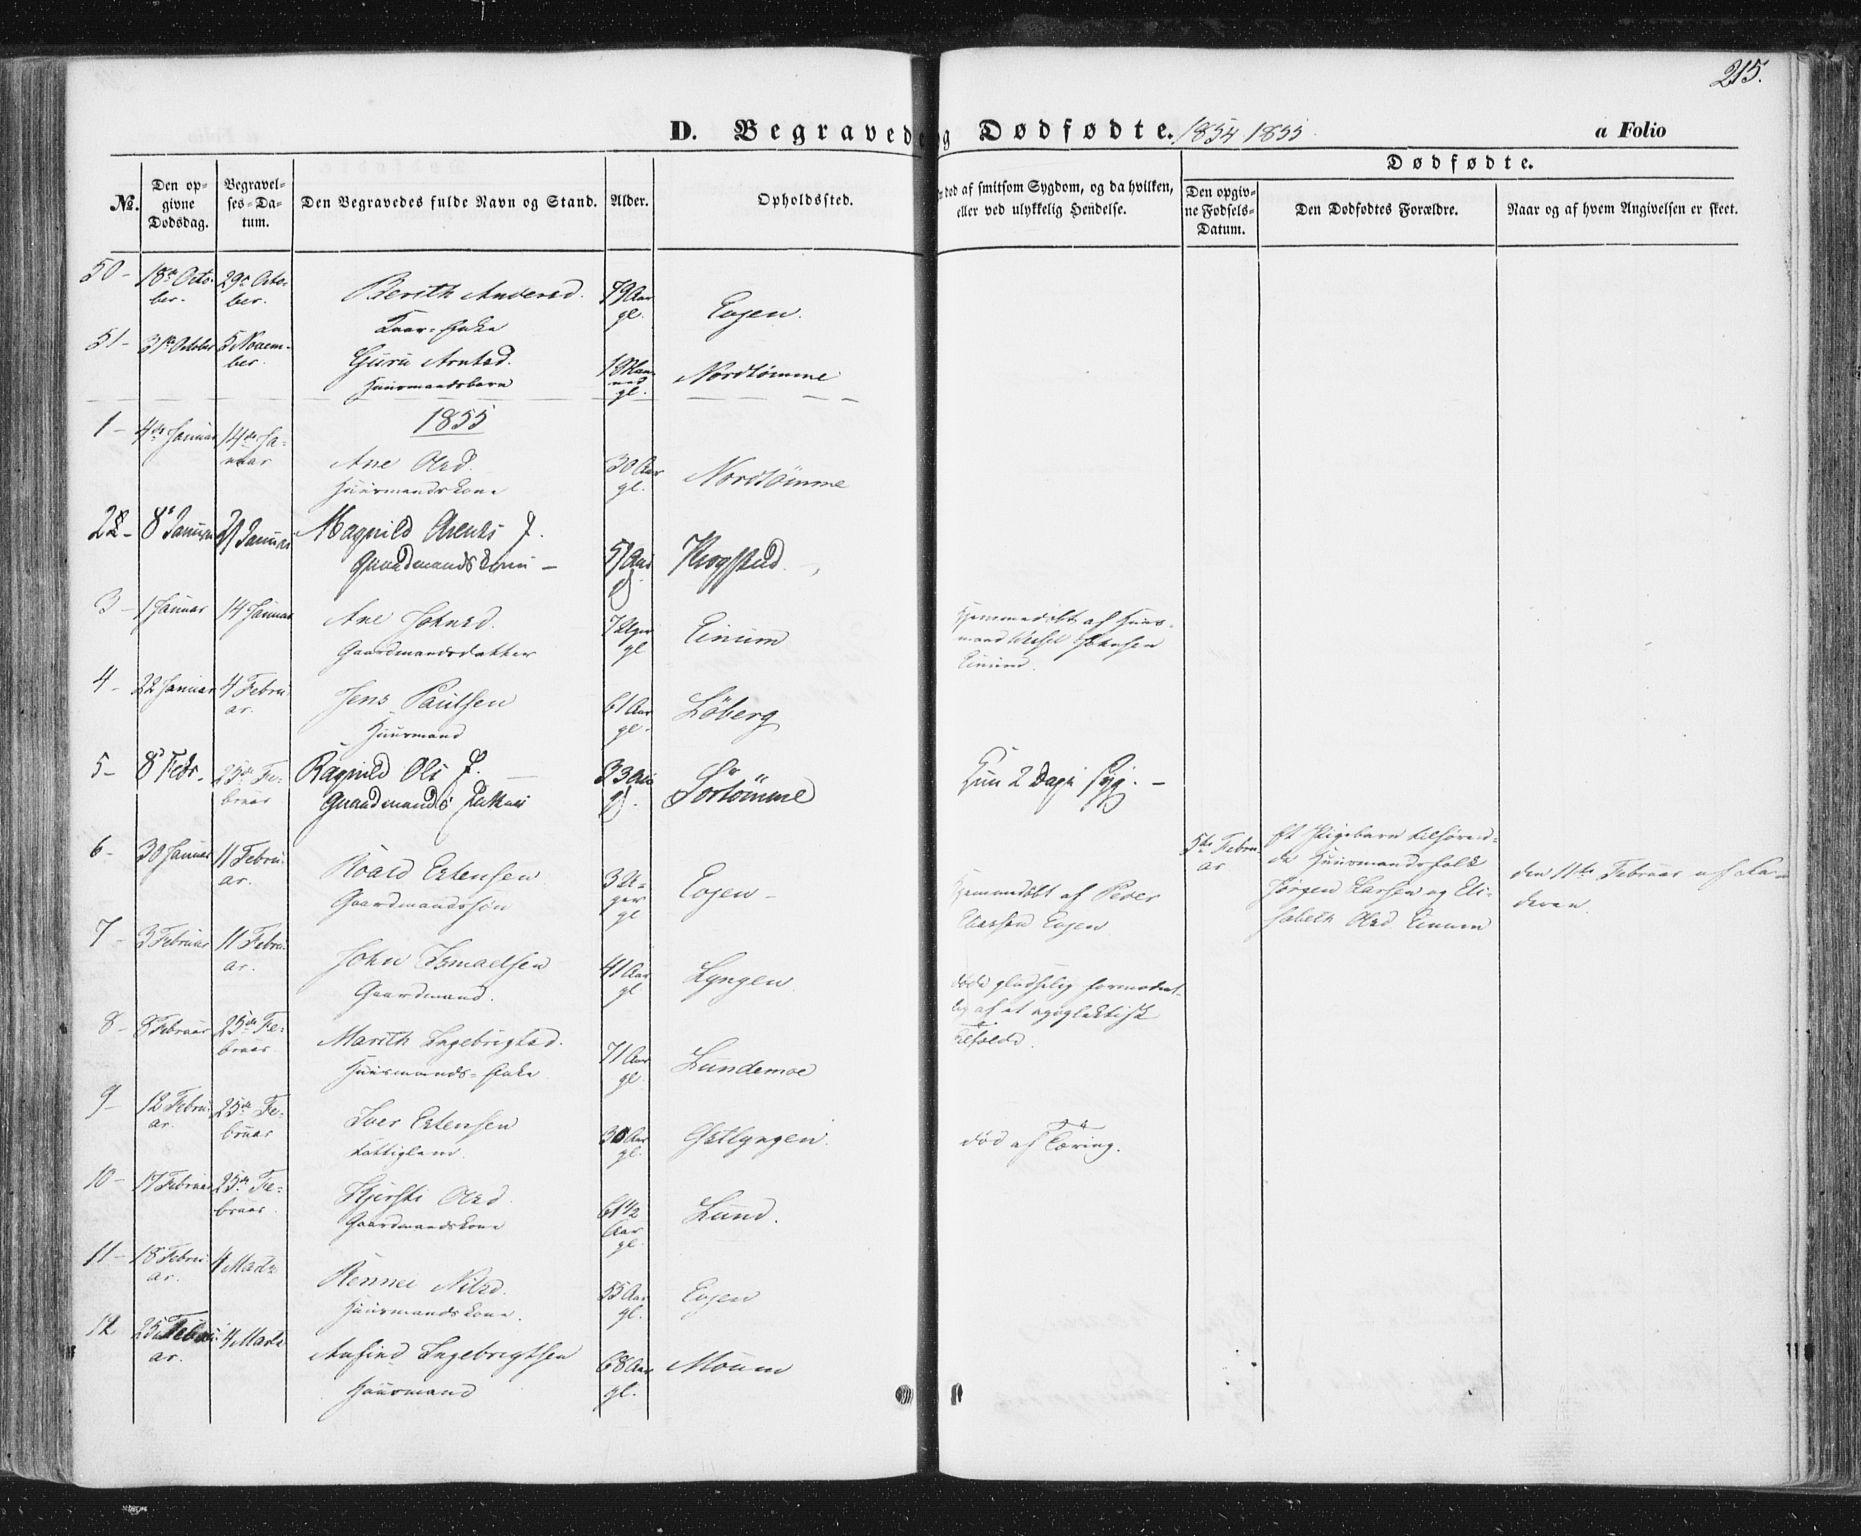 SAT, Ministerialprotokoller, klokkerbøker og fødselsregistre - Sør-Trøndelag, 692/L1103: Ministerialbok nr. 692A03, 1849-1870, s. 215